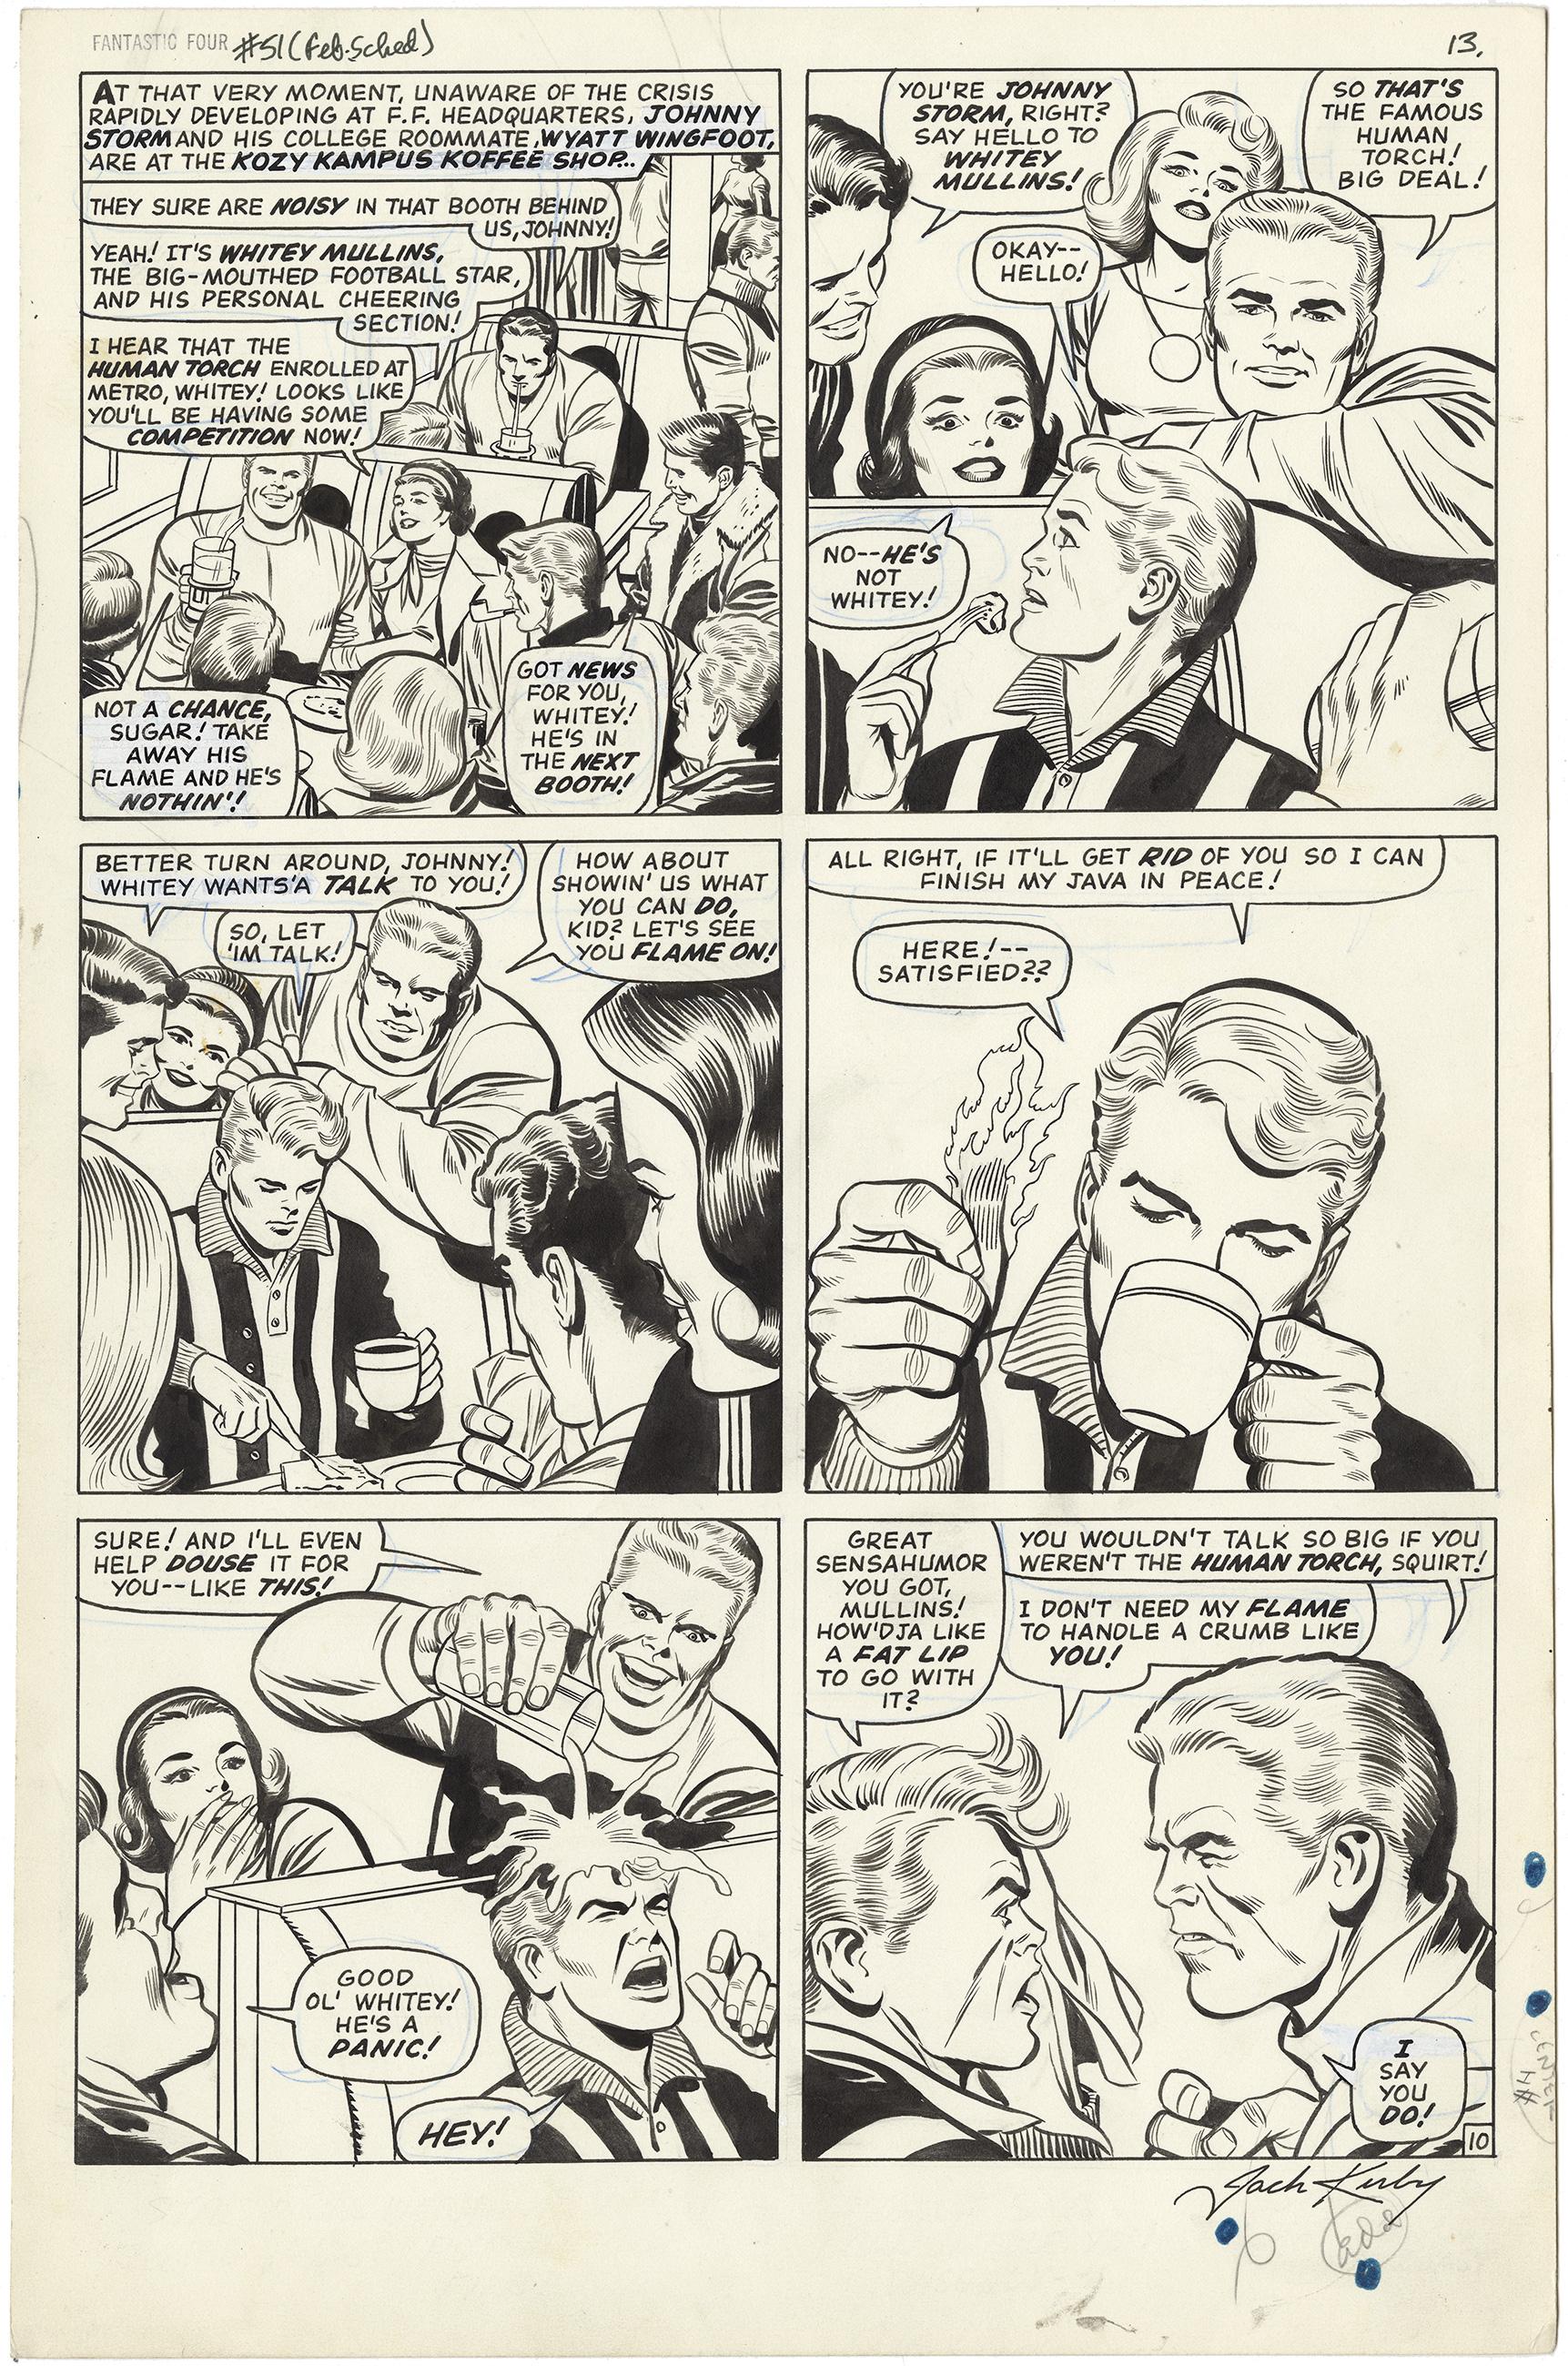 Fantastic Four #51 p10